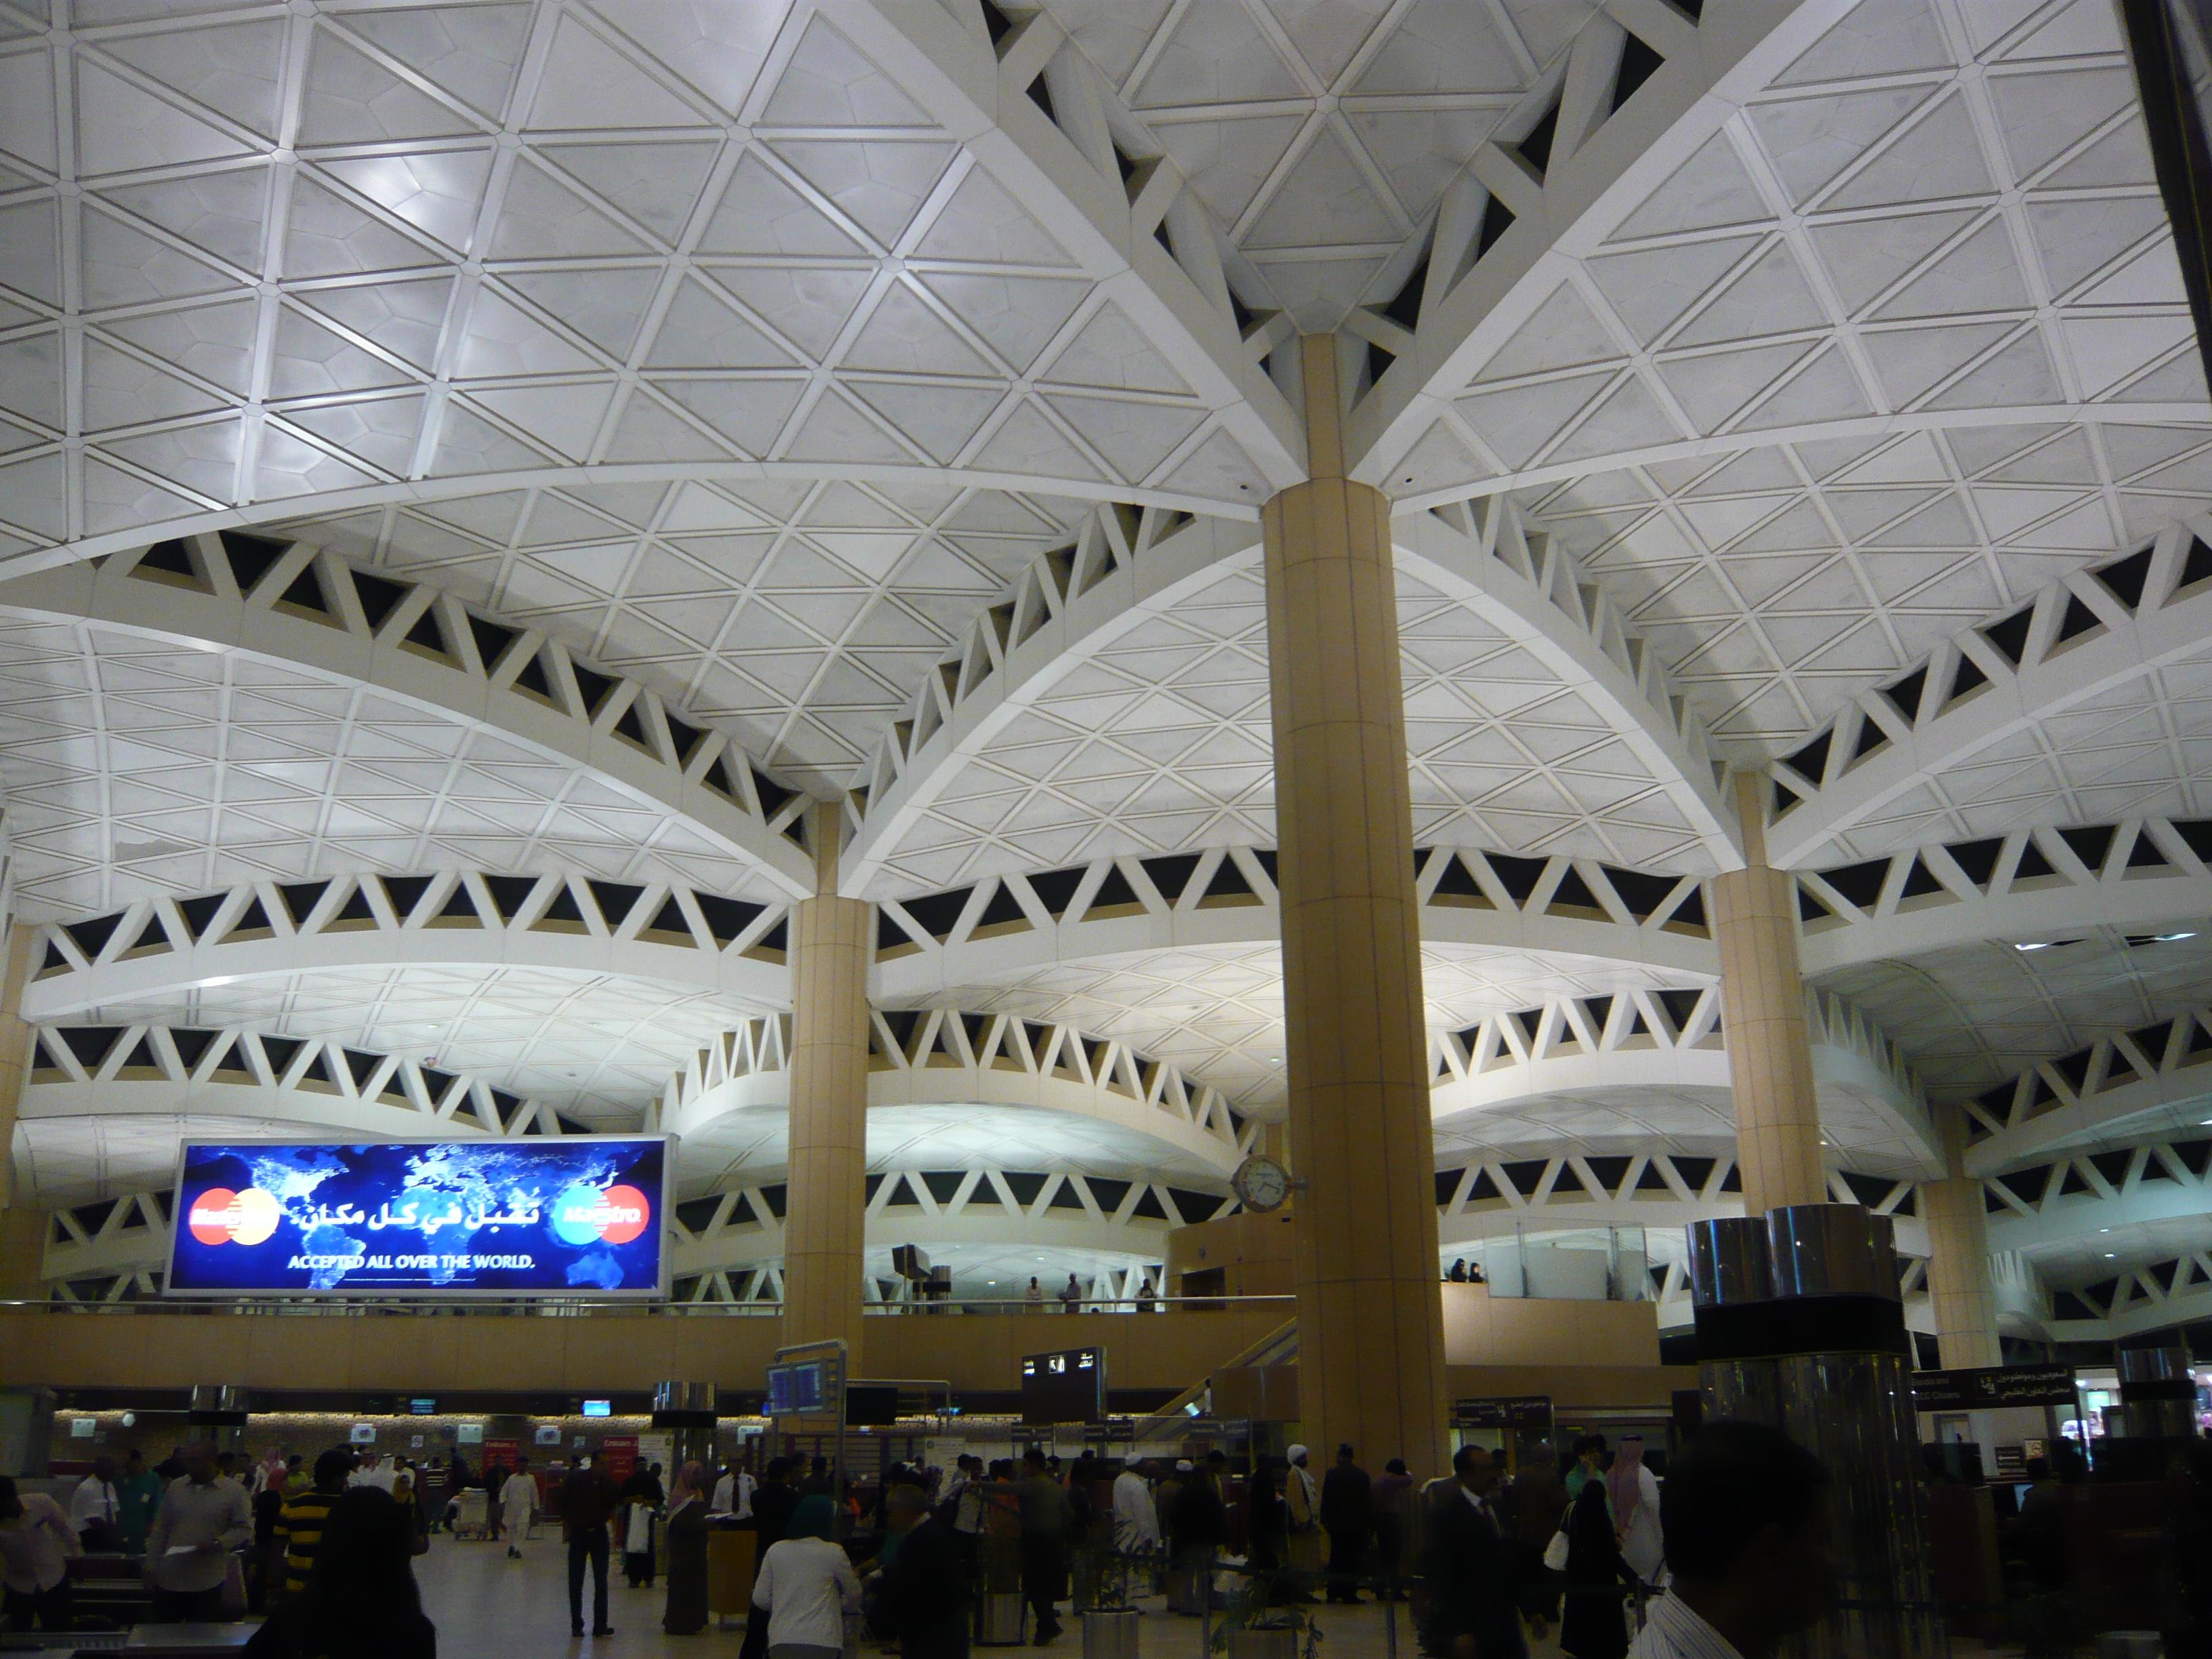 Deckenkonstruktion Einhangshalle Flughafen Riad